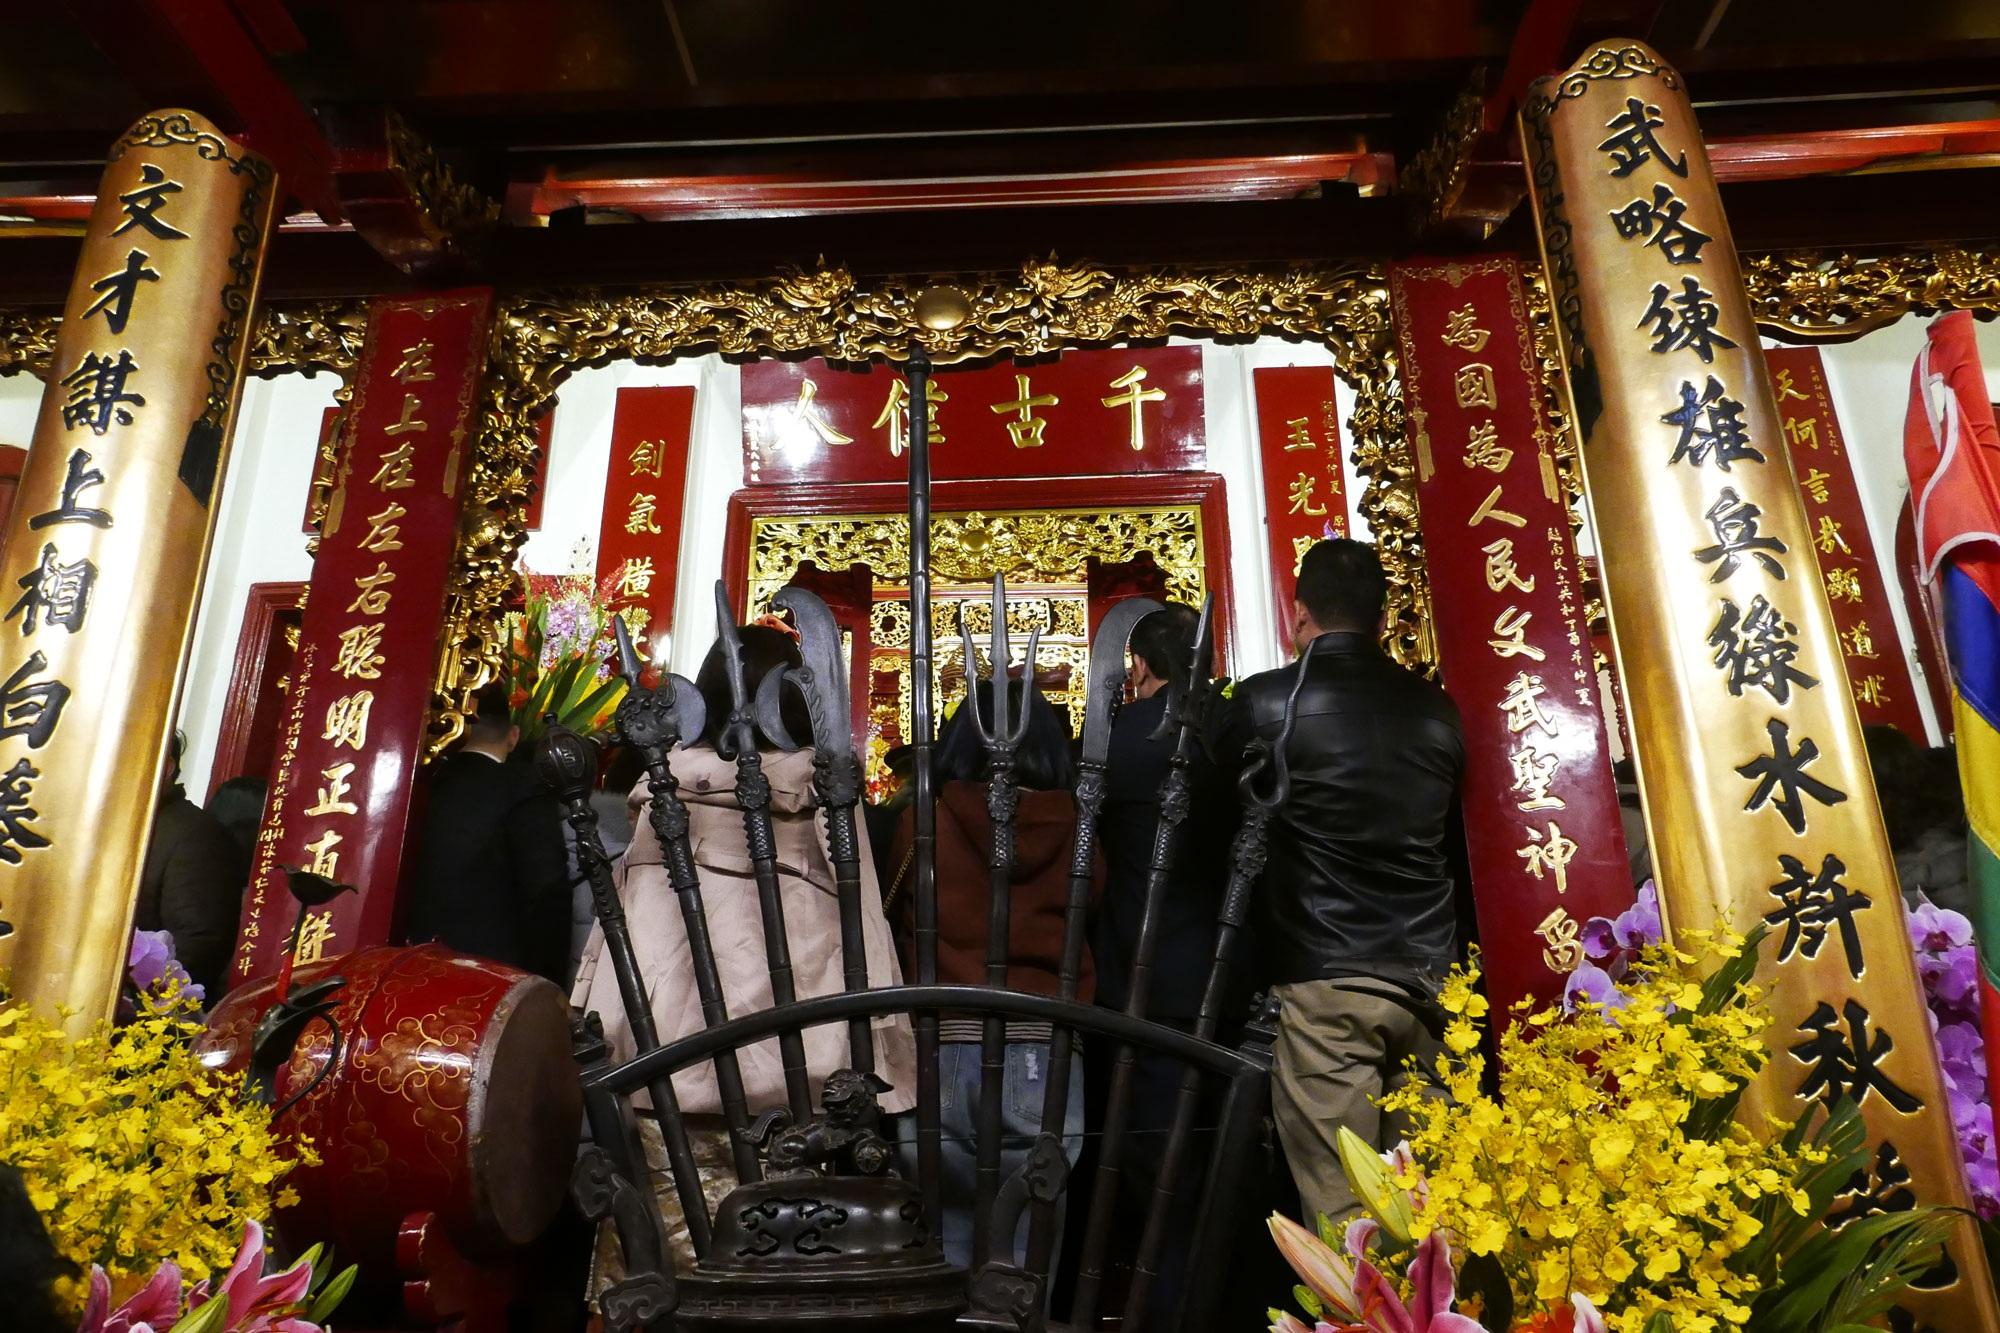 Cảnh lễ đền dưới mưa xuân tuyệt đẹp ở Hà Nội ngày mùng 1 Tết - 16